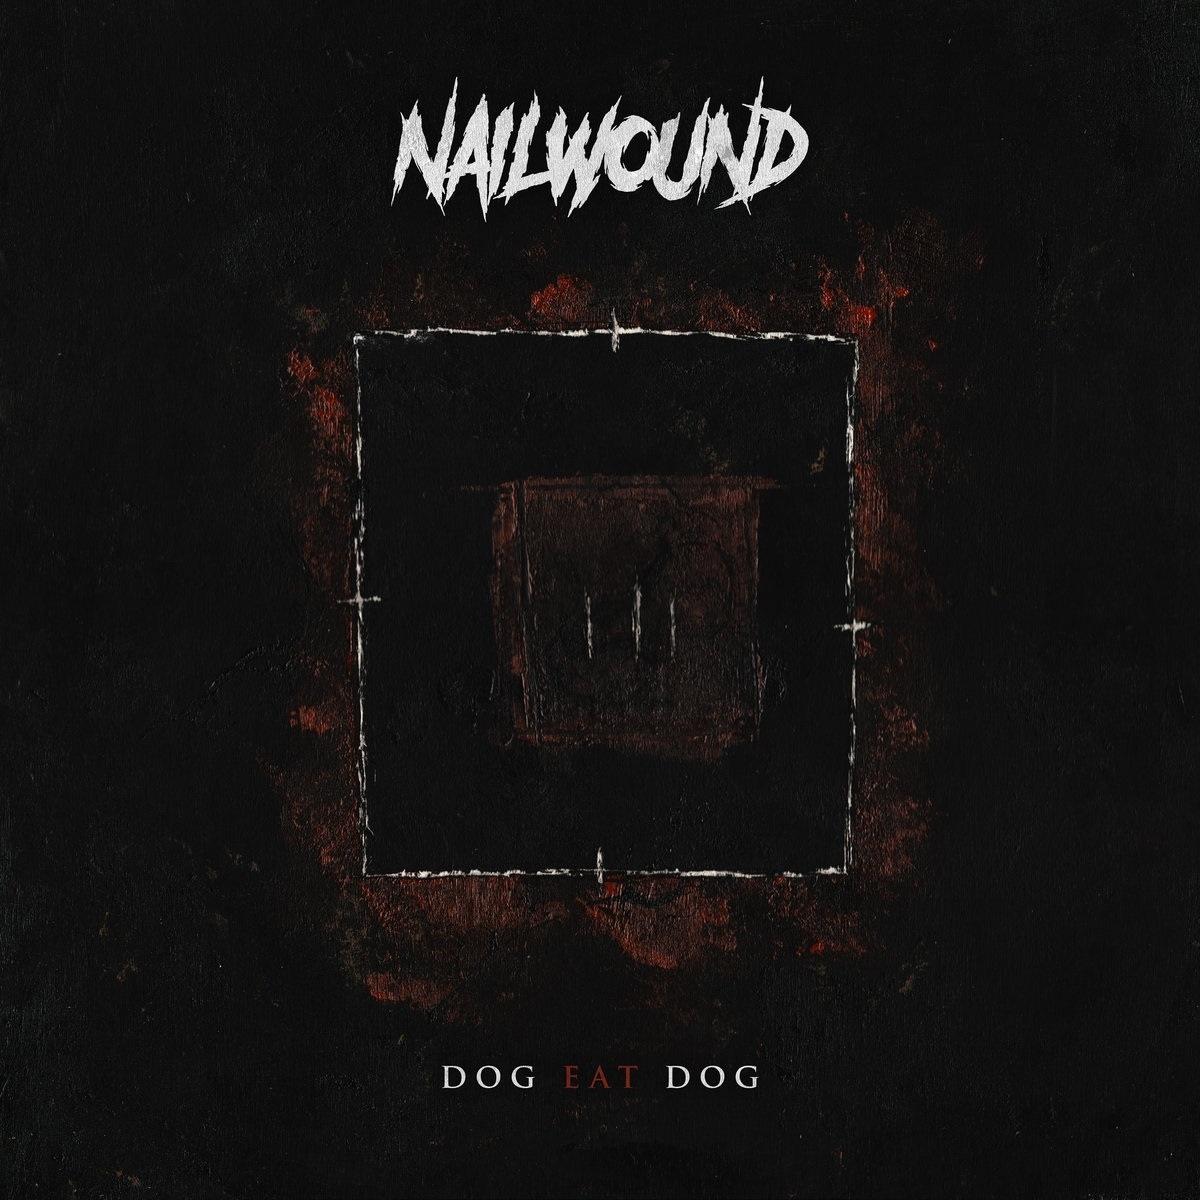 Nailwound - Dog Eat Dog [EP] (2019)